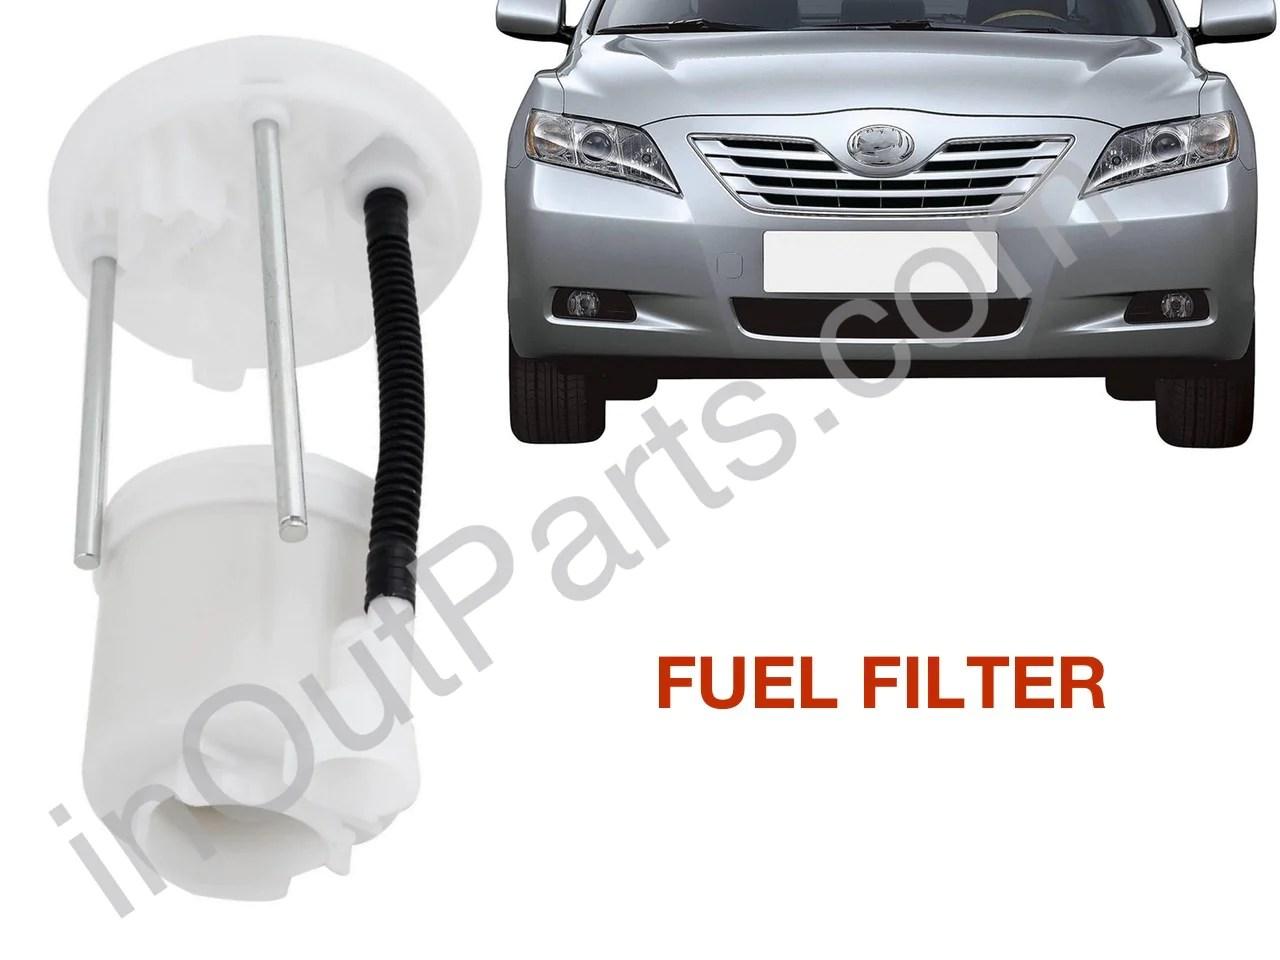 2007 pontiac grand prix fuel filter [ 1280 x 960 Pixel ]